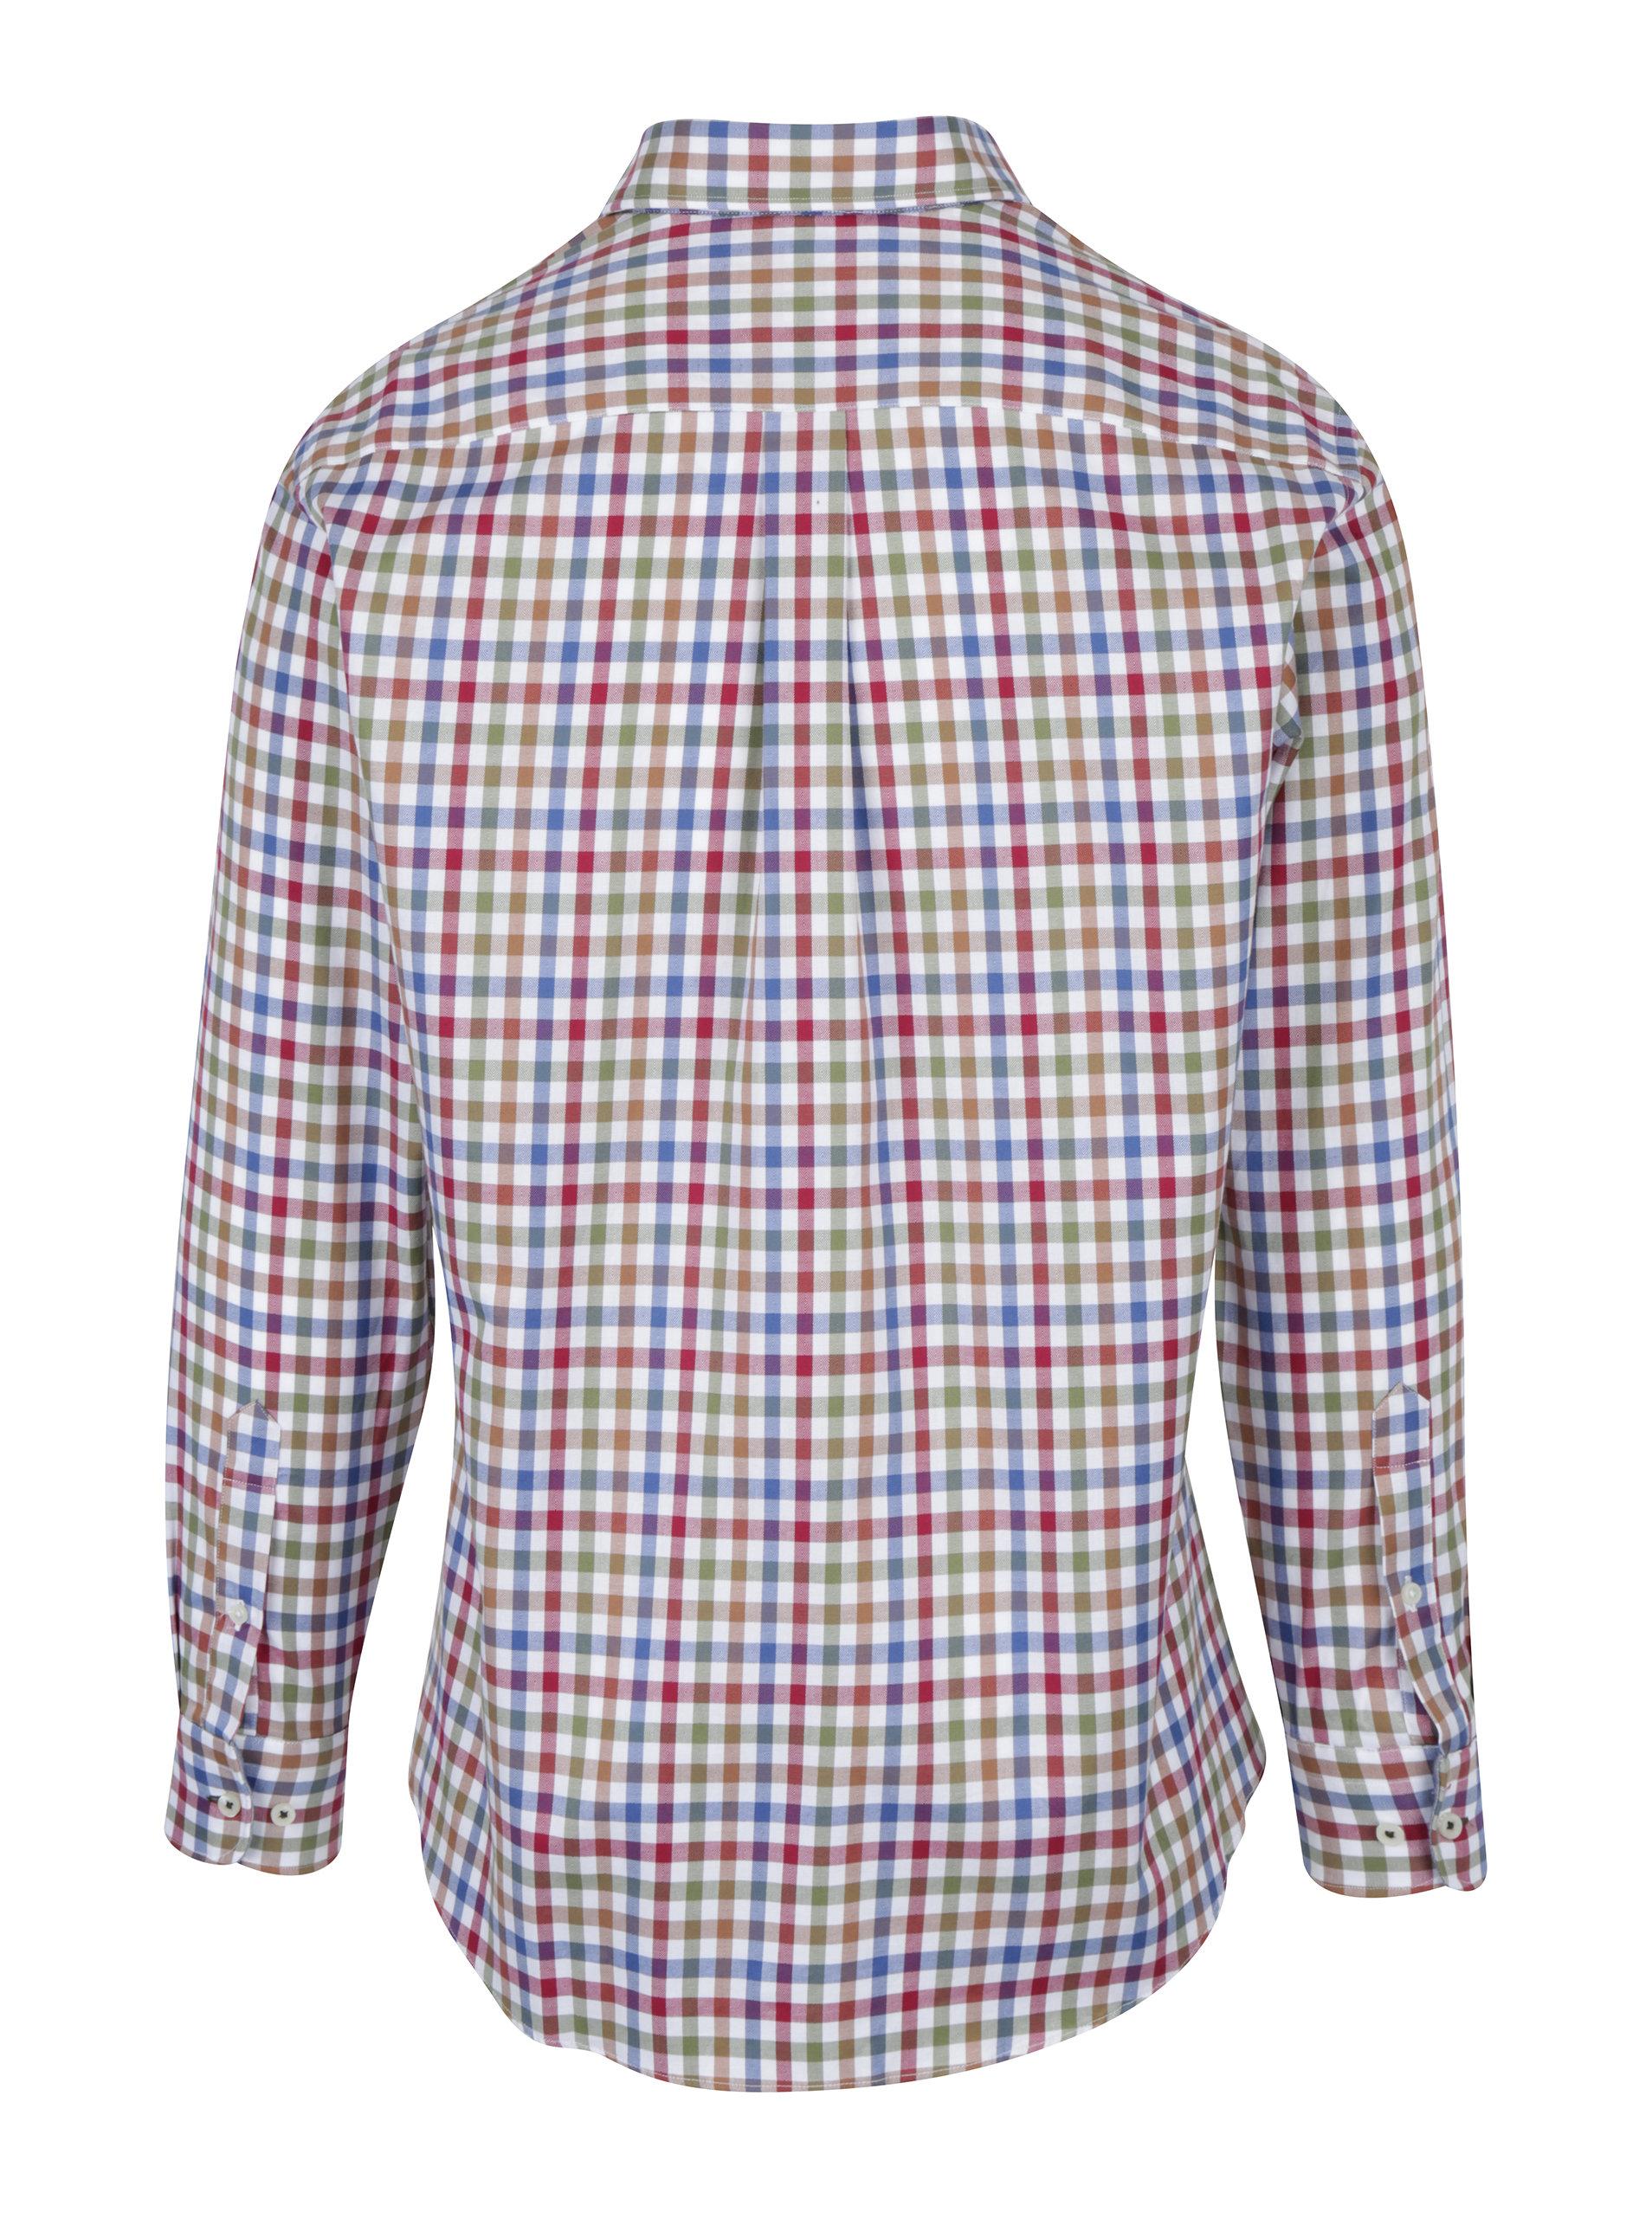 Krémovo-červená kostkovaná košile s náprsní kapsou Fynch-Hatton ... 16d4f831a0